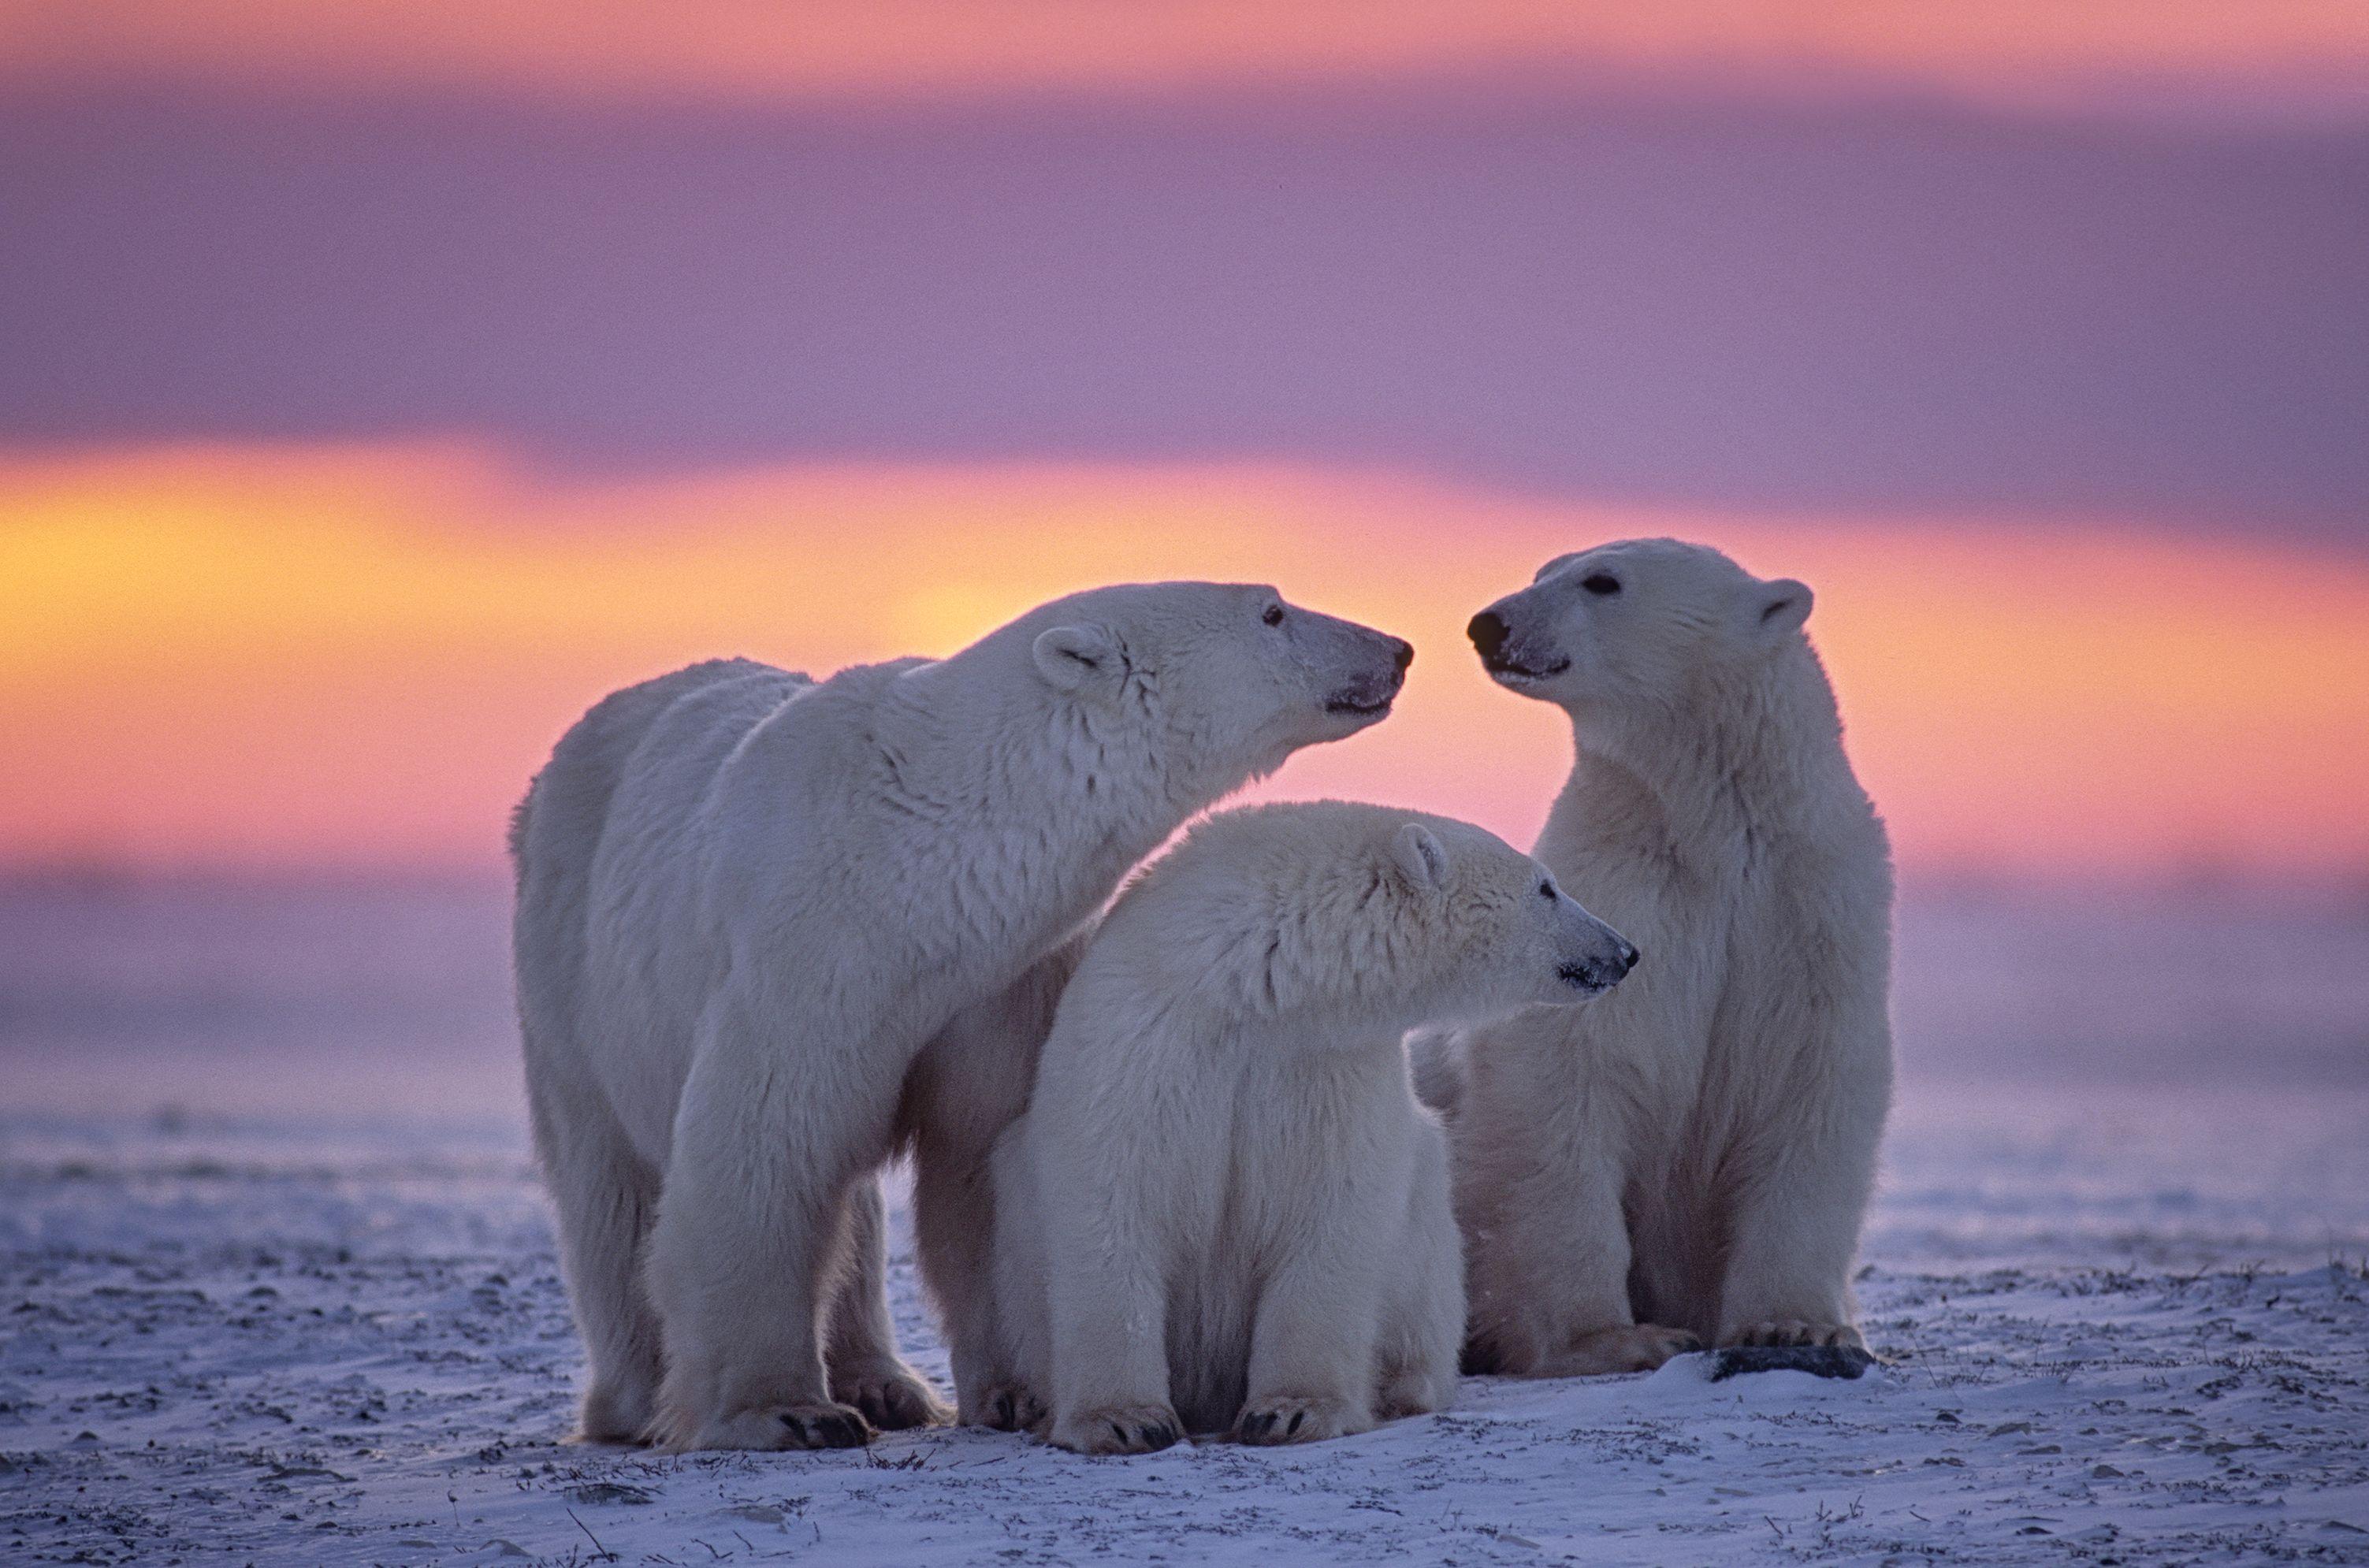 O urso-polar, também conhecido como urso-branco, é um mamífero típico e nativo da região do Ártico  /